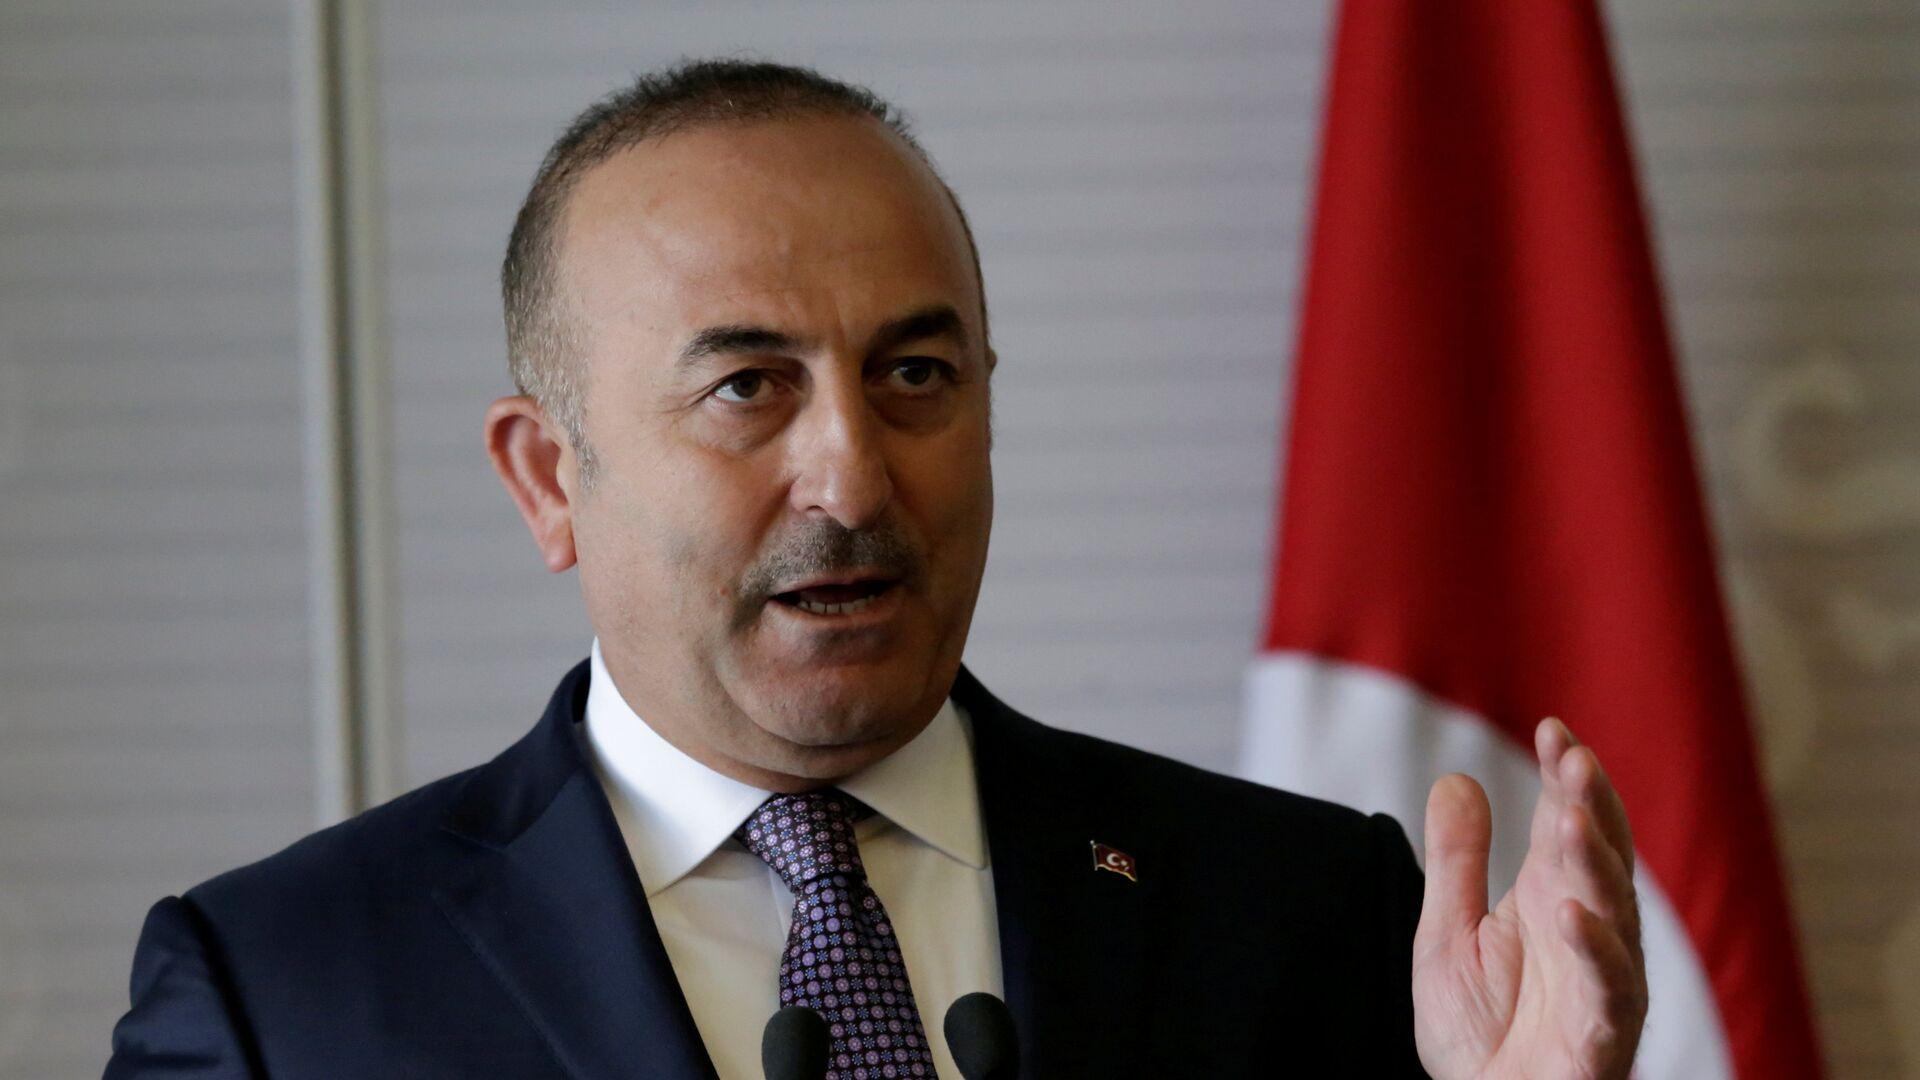 Mevlut Cavusoglu, ministro de Exteriores turco - Sputnik Mundo, 1920, 14.04.2021